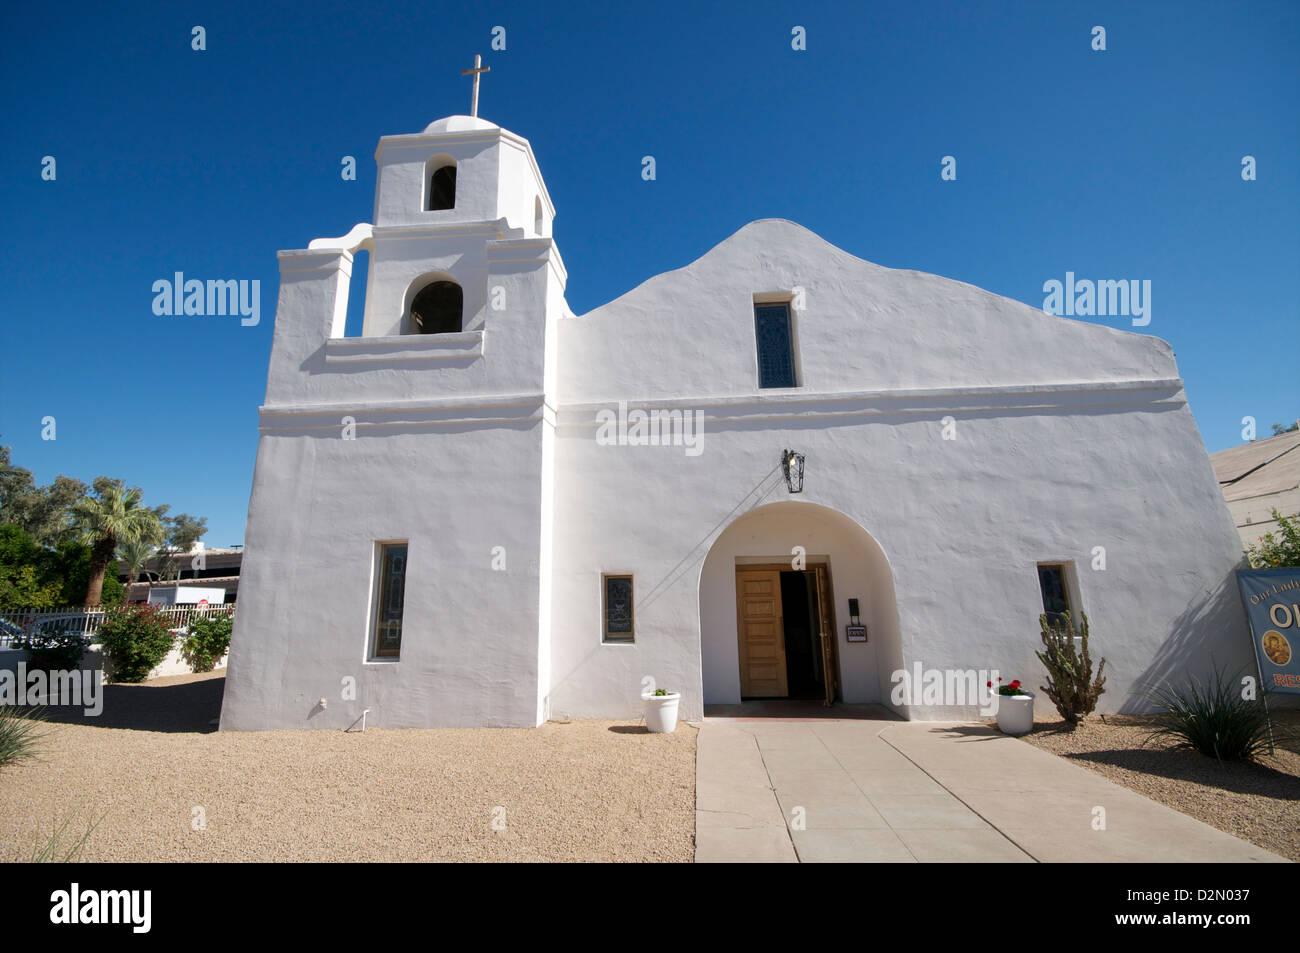 church churches phoenix arizona stock photos & church churches